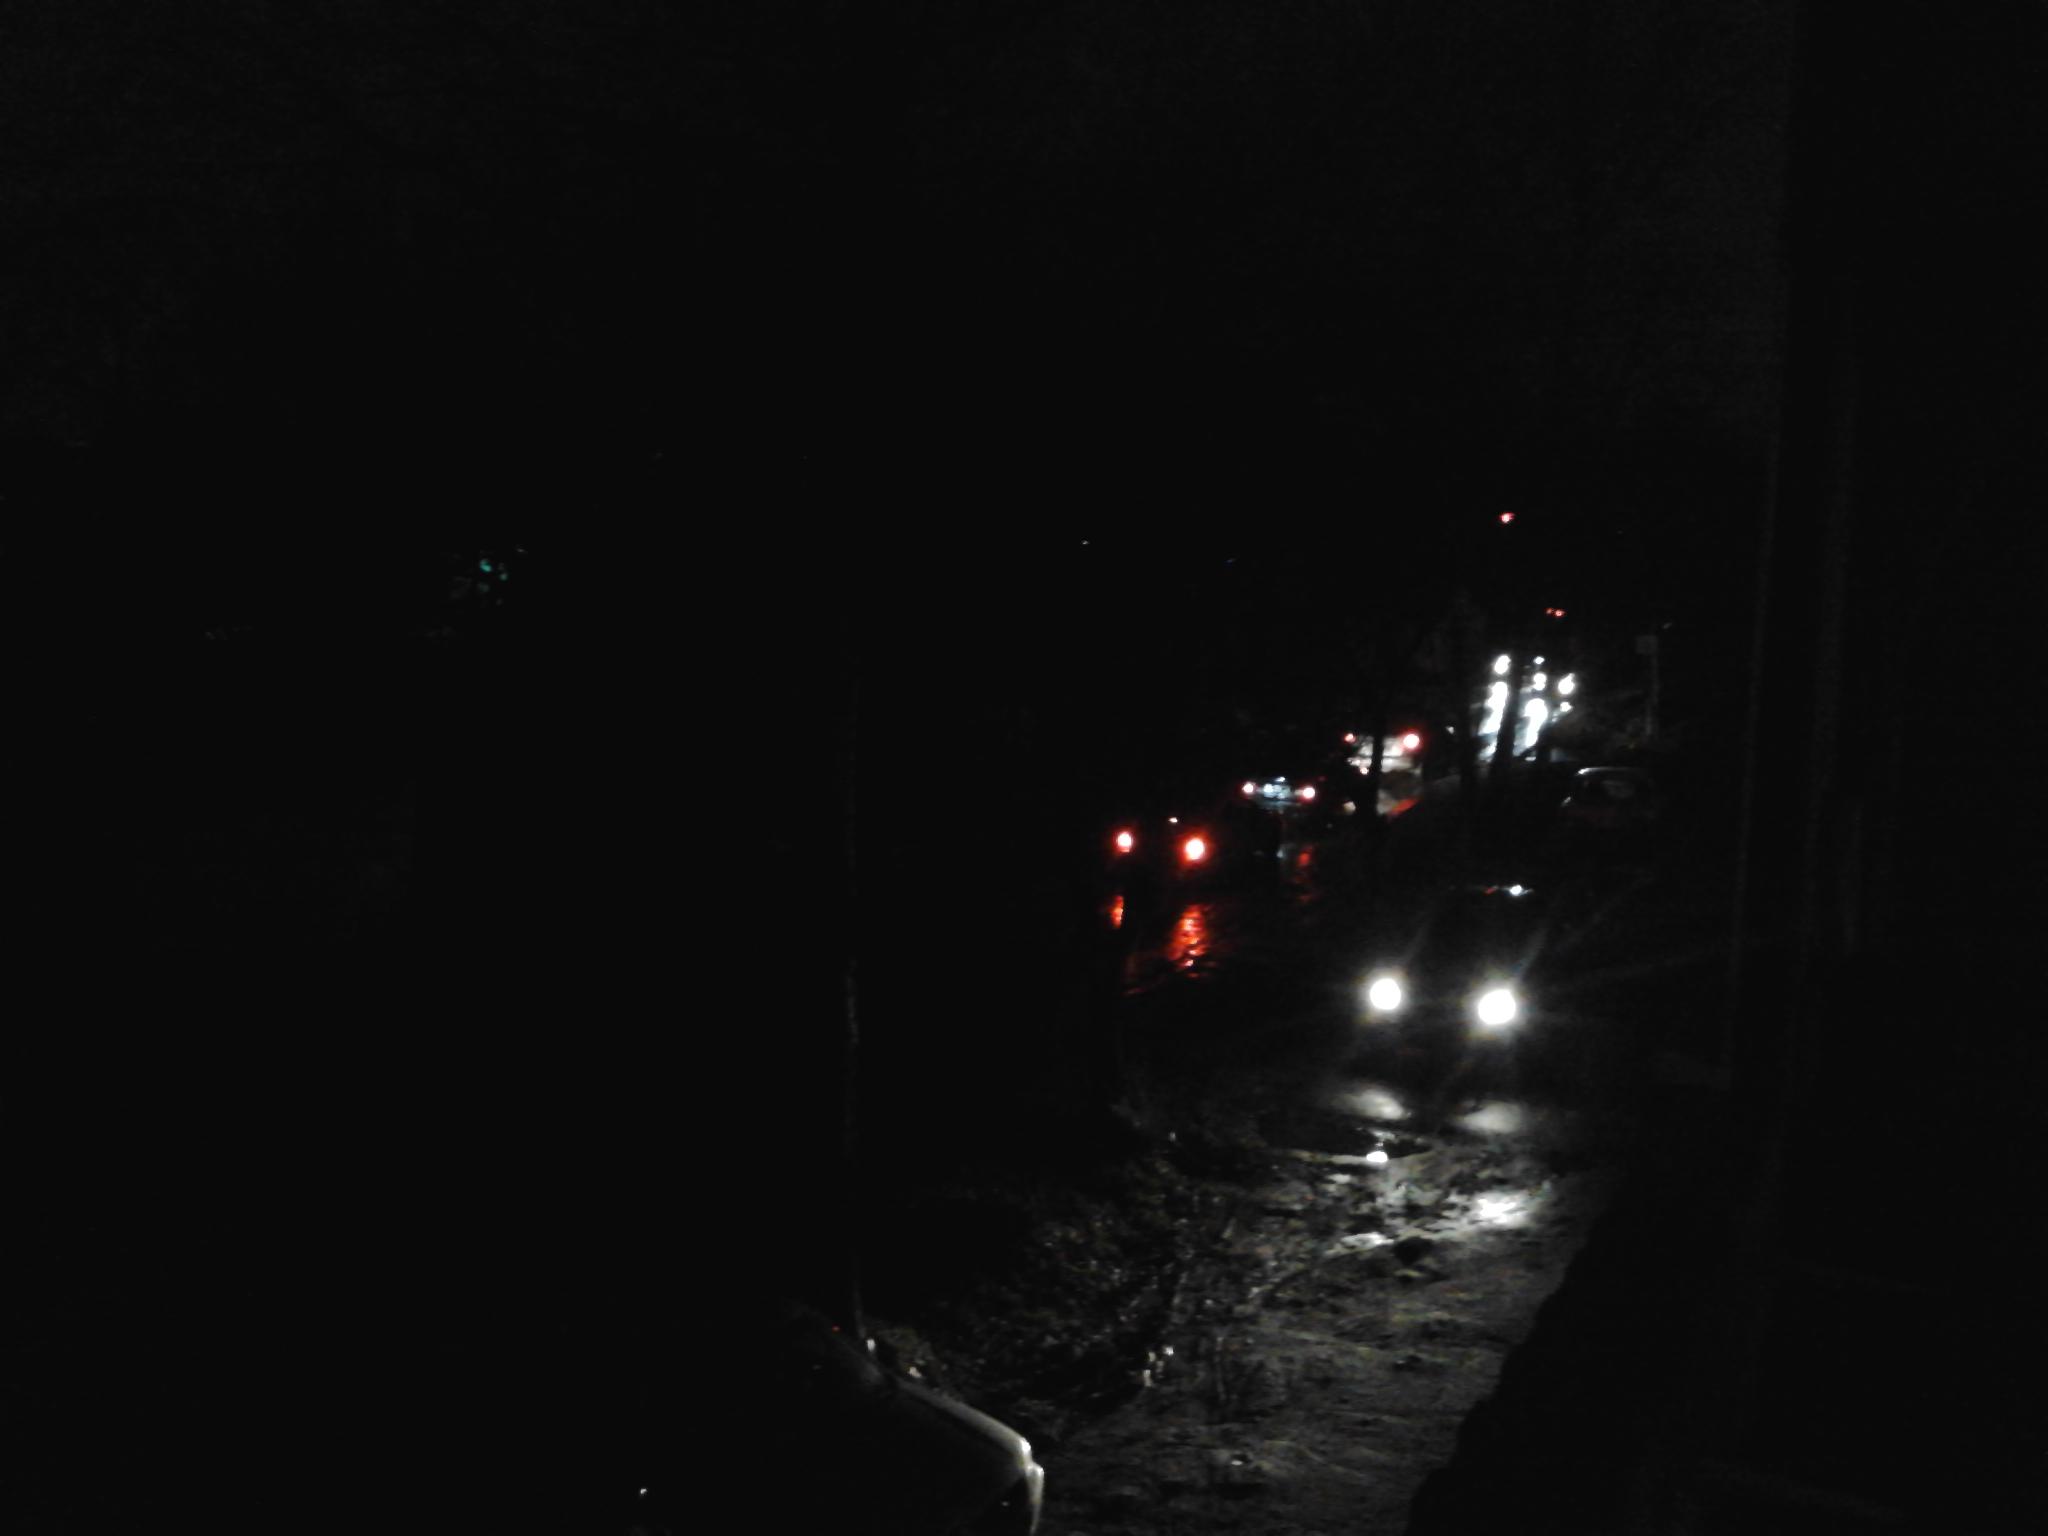 На трассе Санкт-Петербург-Отрадное-Кировск отсутствует должное освещение дороги, исполнение решения суда находится на контроле Кировской прокуратуры